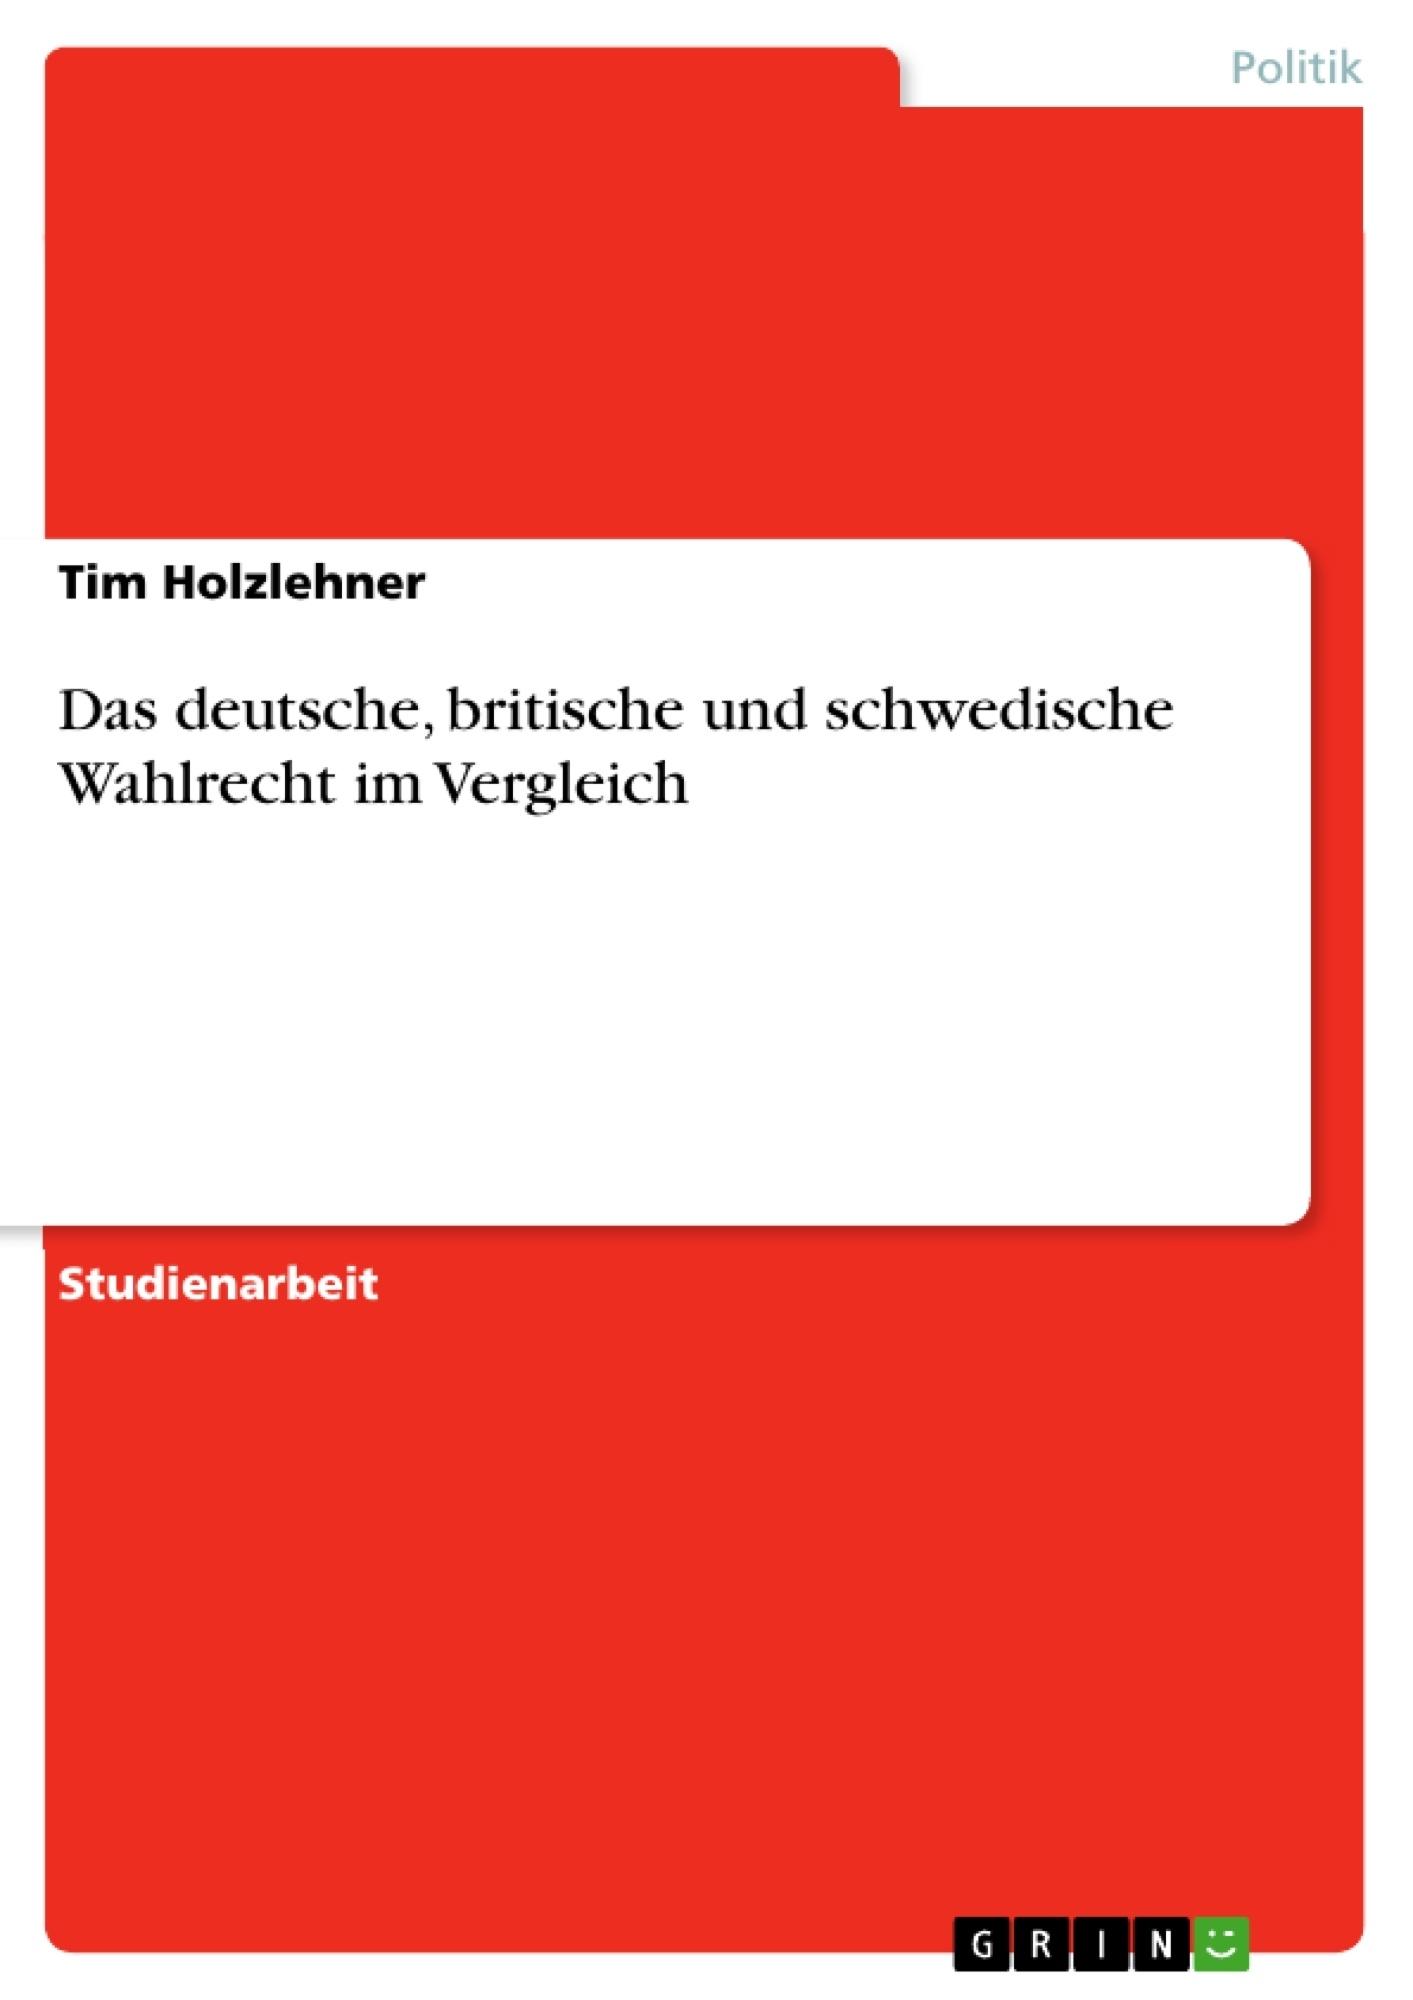 Titel: Das deutsche, britische und schwedische Wahlrecht im Vergleich